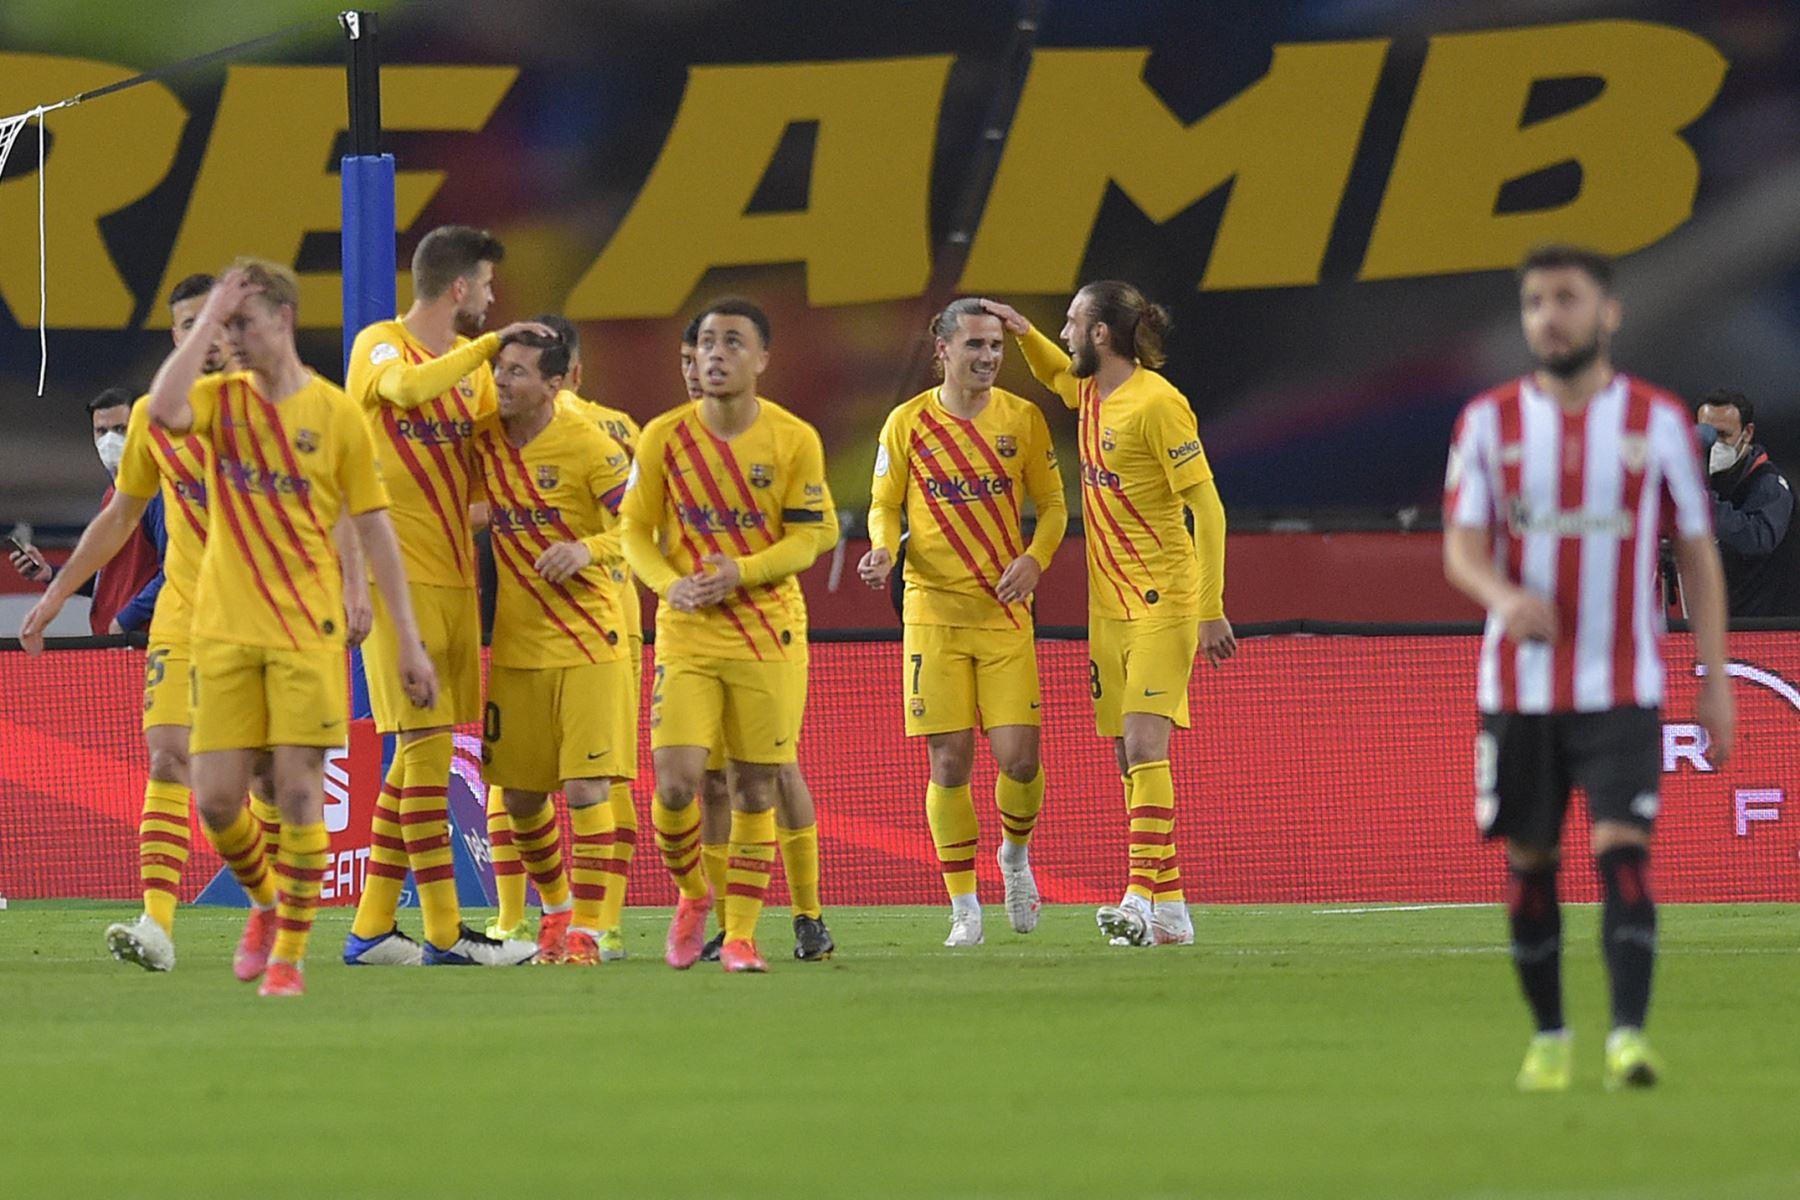 Los jugadores del Barcelona celebran tras marcar un gol durante la final de la Copa del Rey de España entre el Athletic Club de Bilbao y el FC Barcelona en el estadio de La Cartuja de Sevilla. Foto: AFP